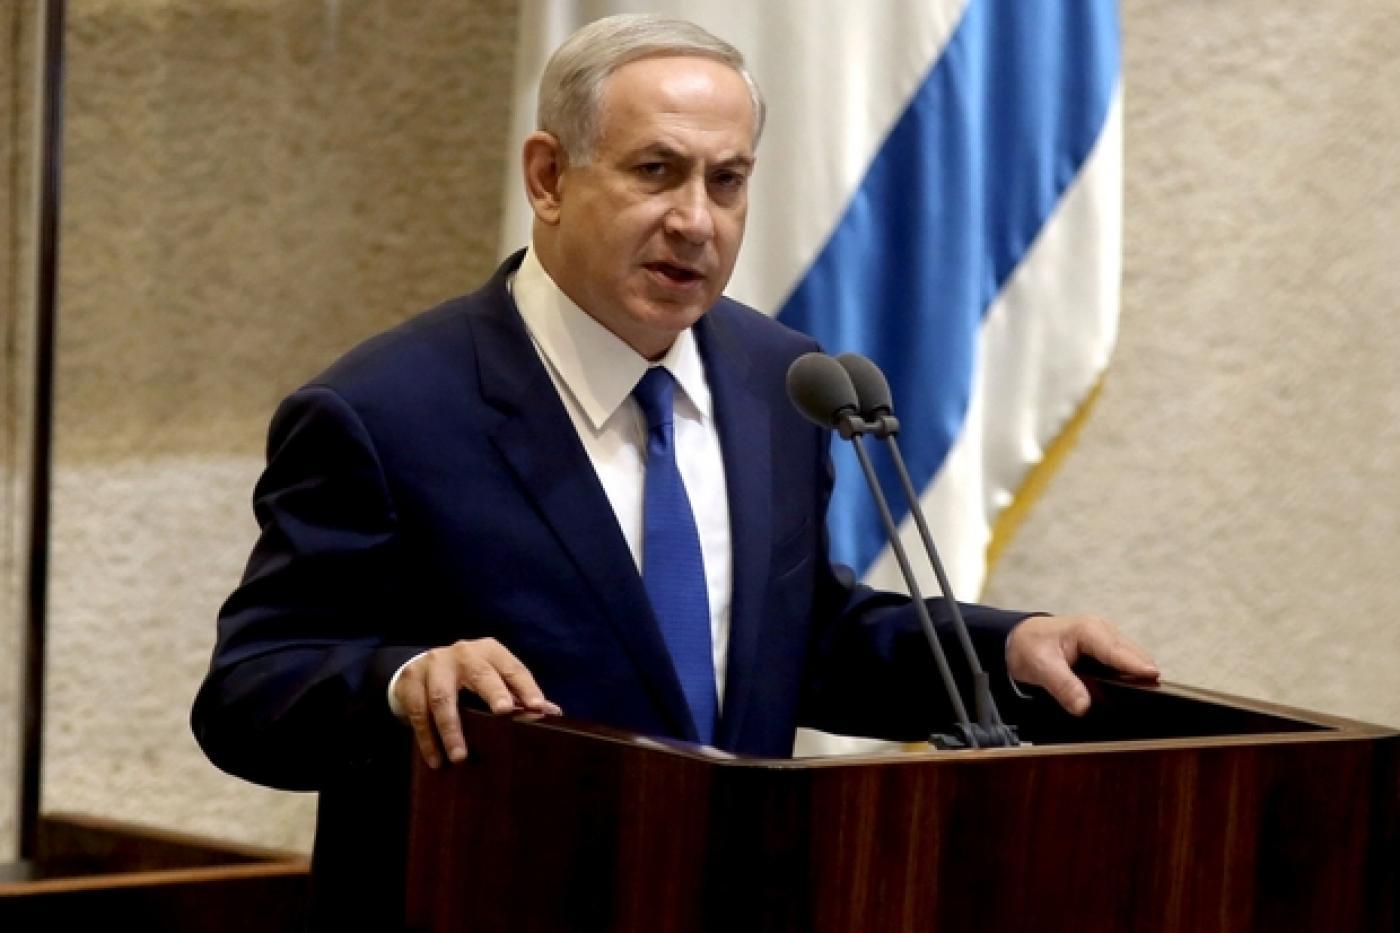 Le Premier ministre israélien Benyamin Netanyahou prononce un discours à la Knesset, en octobre 2015 (AFP)